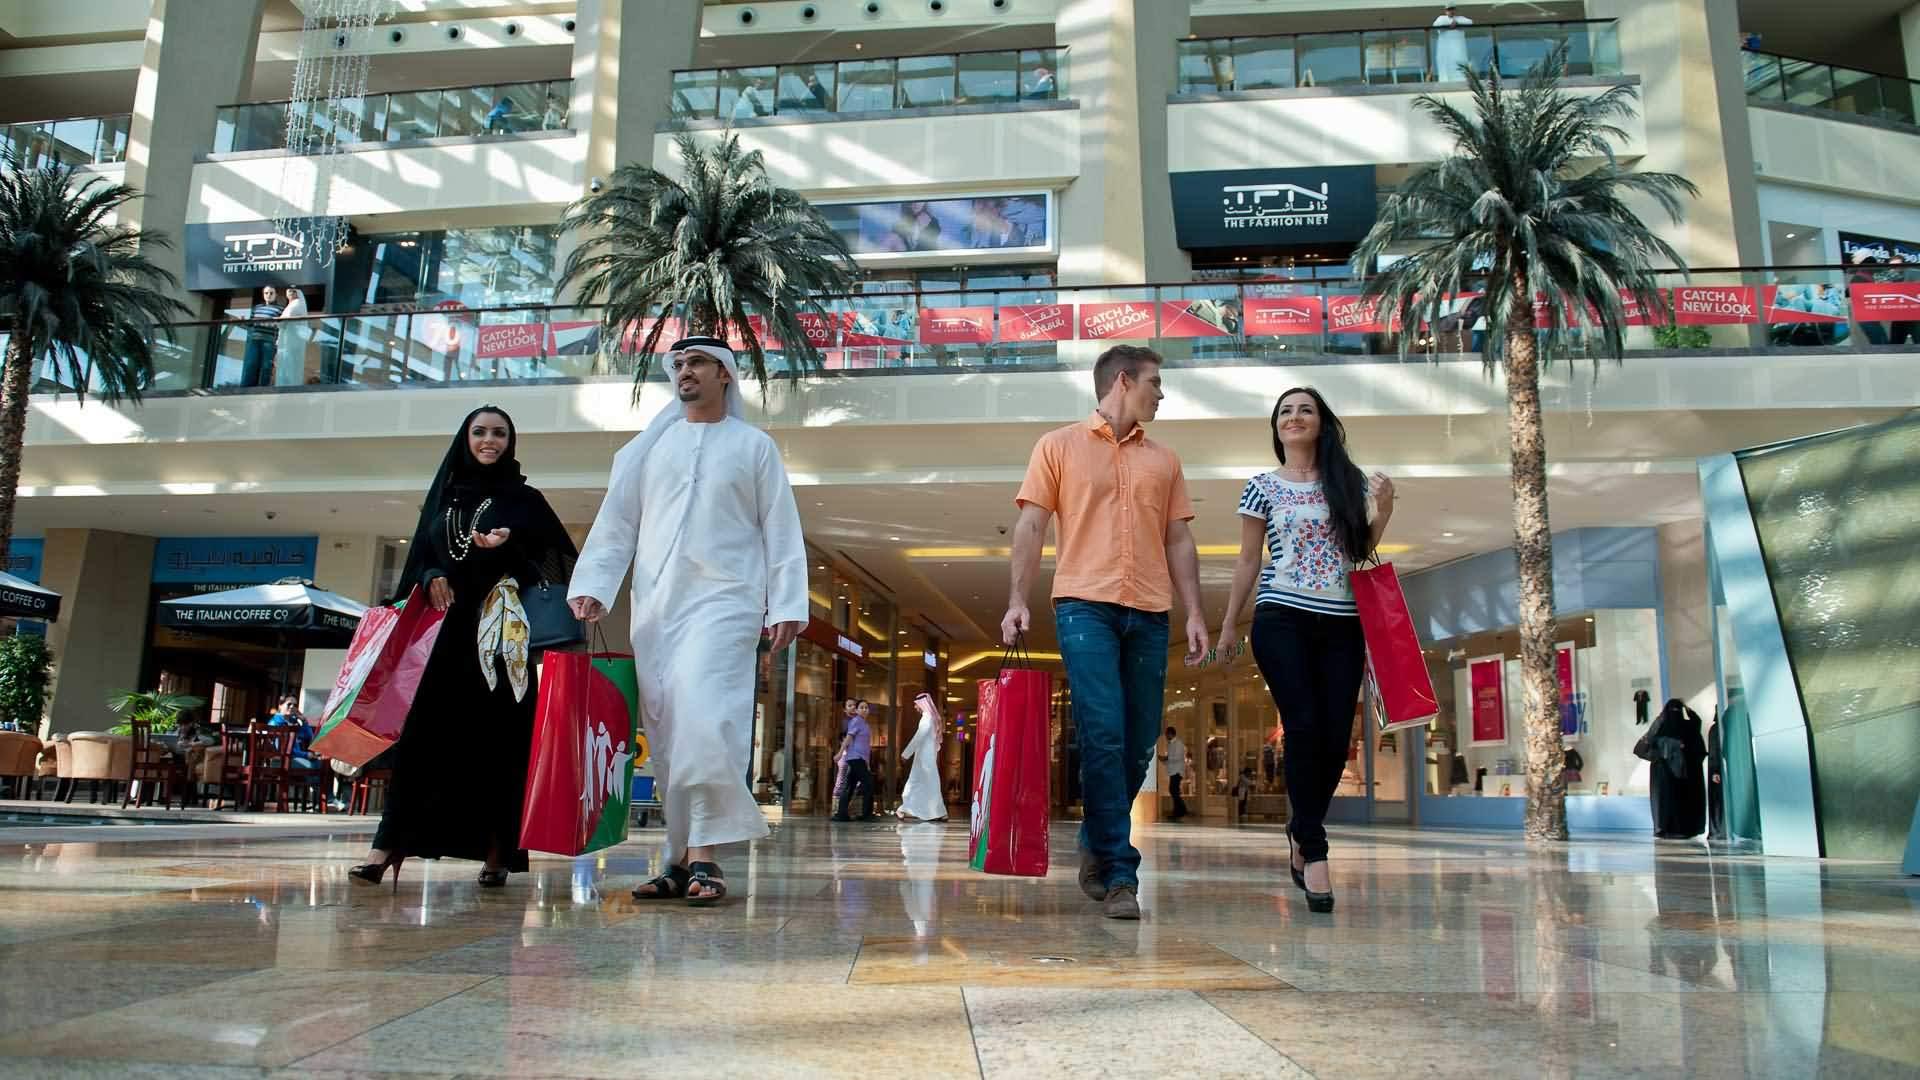 أكثر 3 أسباب تعيق عملية التسوق في الإمارات